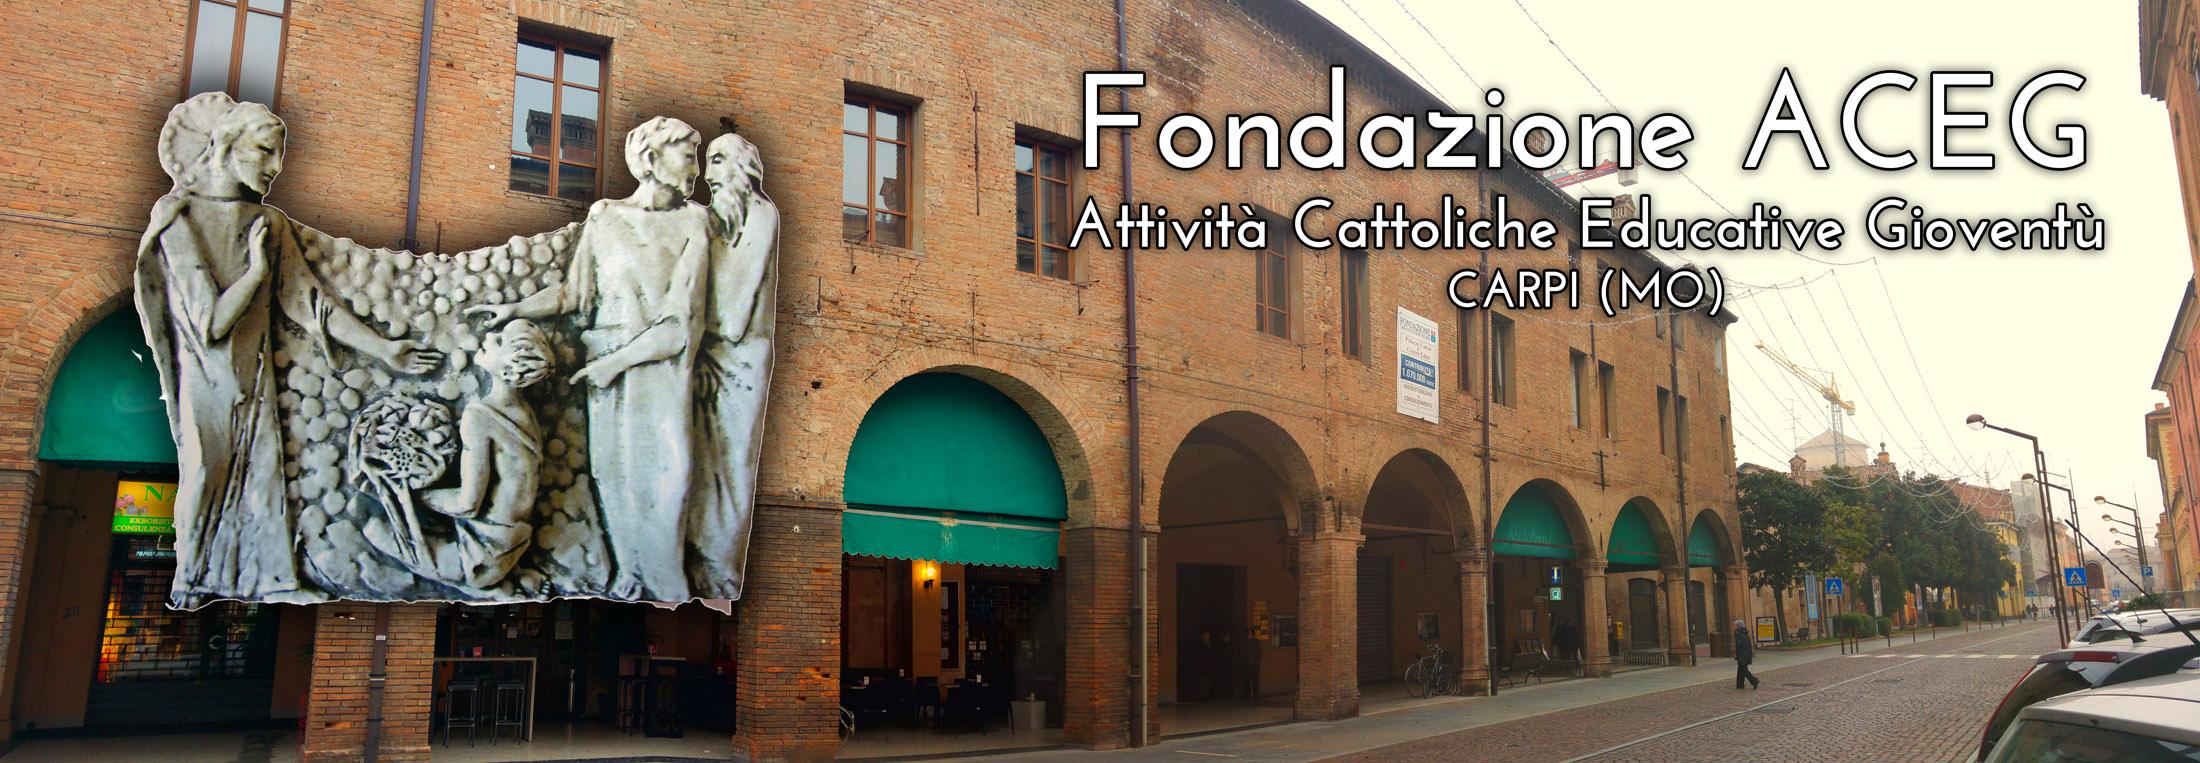 Fondazione ACEG - Attività Cattoliche Educative Gioventù - Carpi - Modena